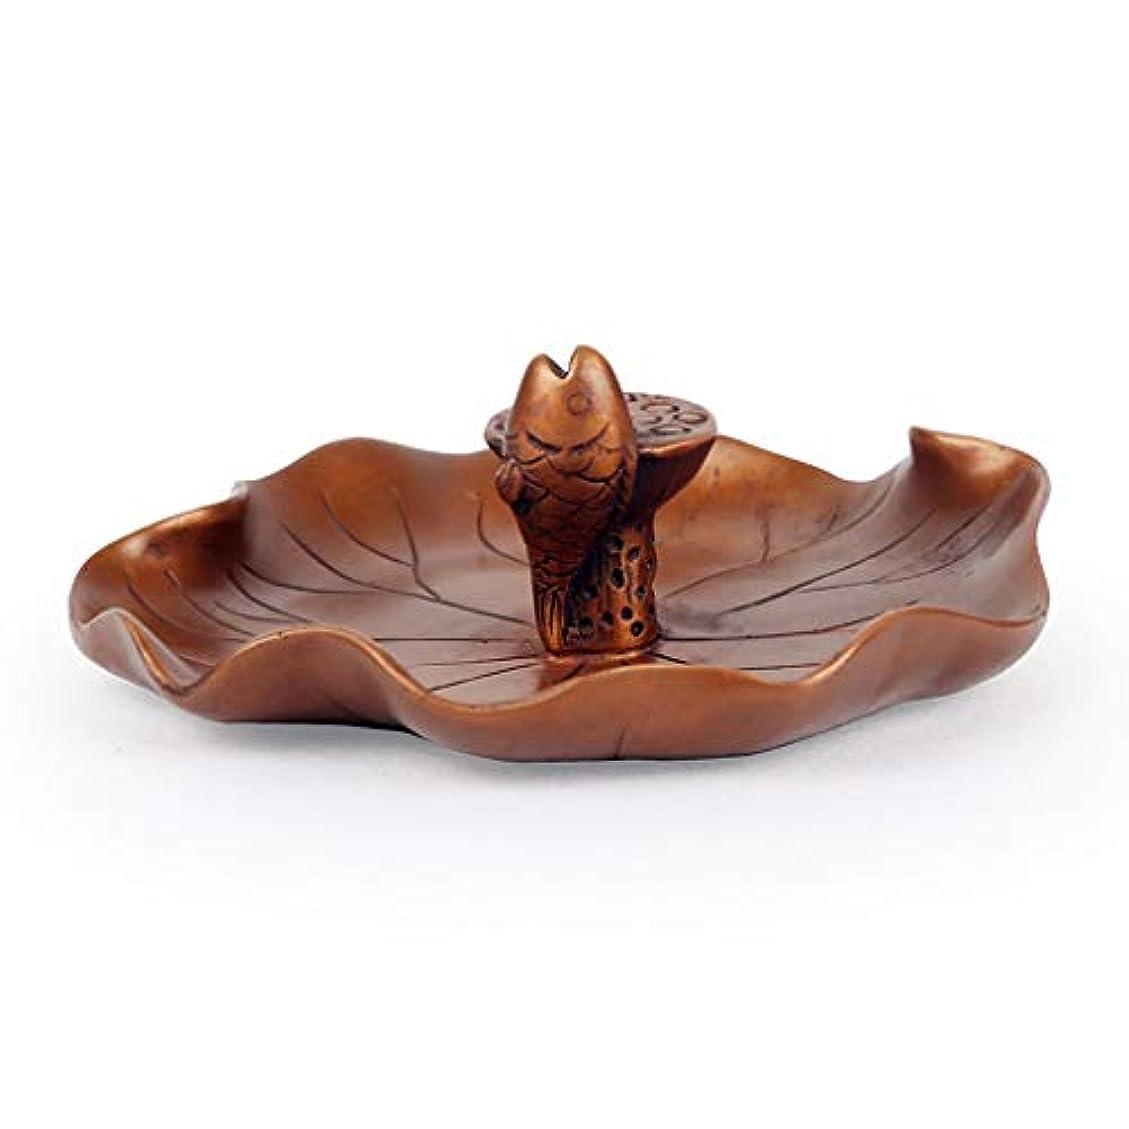 舌持続的記事芳香器?アロマバーナー 還流香炉ホーム香りの良い禅禅ラッキー鑑賞新しいクリエイティブアガーウッド香バーナー装飾 アロマバーナー (Color : Brass)